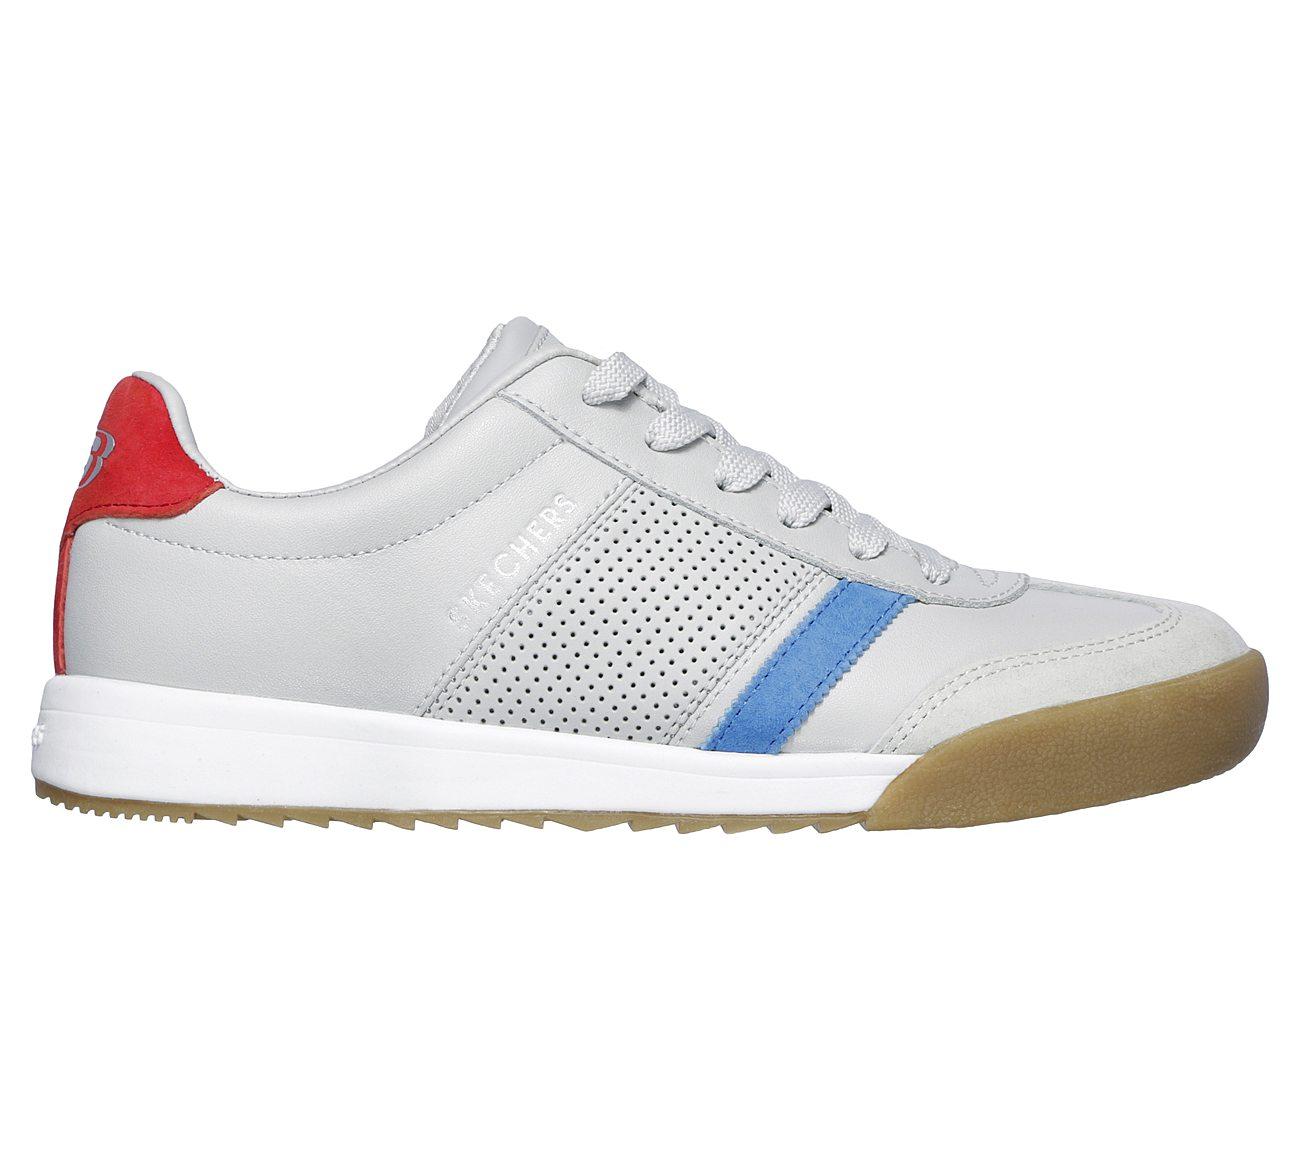 Women's Skechers Zinger Retro Rockers Sneaker White/Black   Style?961-WBK   6.5